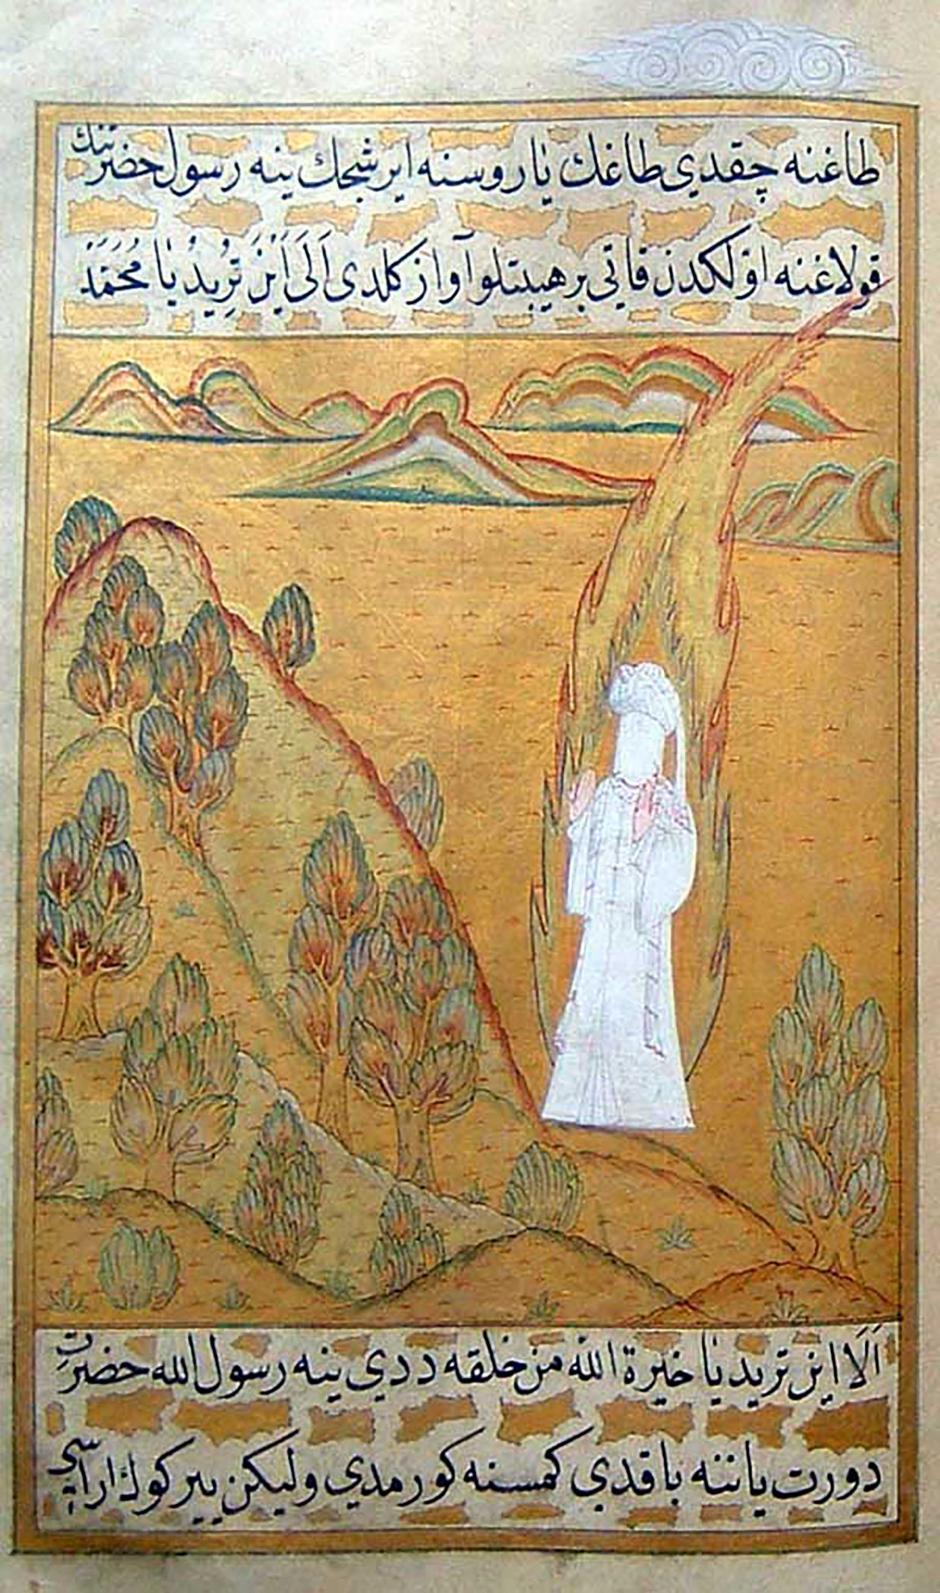 Resim 6. Hz. Muhammed'e Hirâ'da vahiy gelmesi. (Darir, Siyer-i Nebi, İstanbul, 1595–6. Topkapı Sarayı Müzesi Kütüphanesi.)